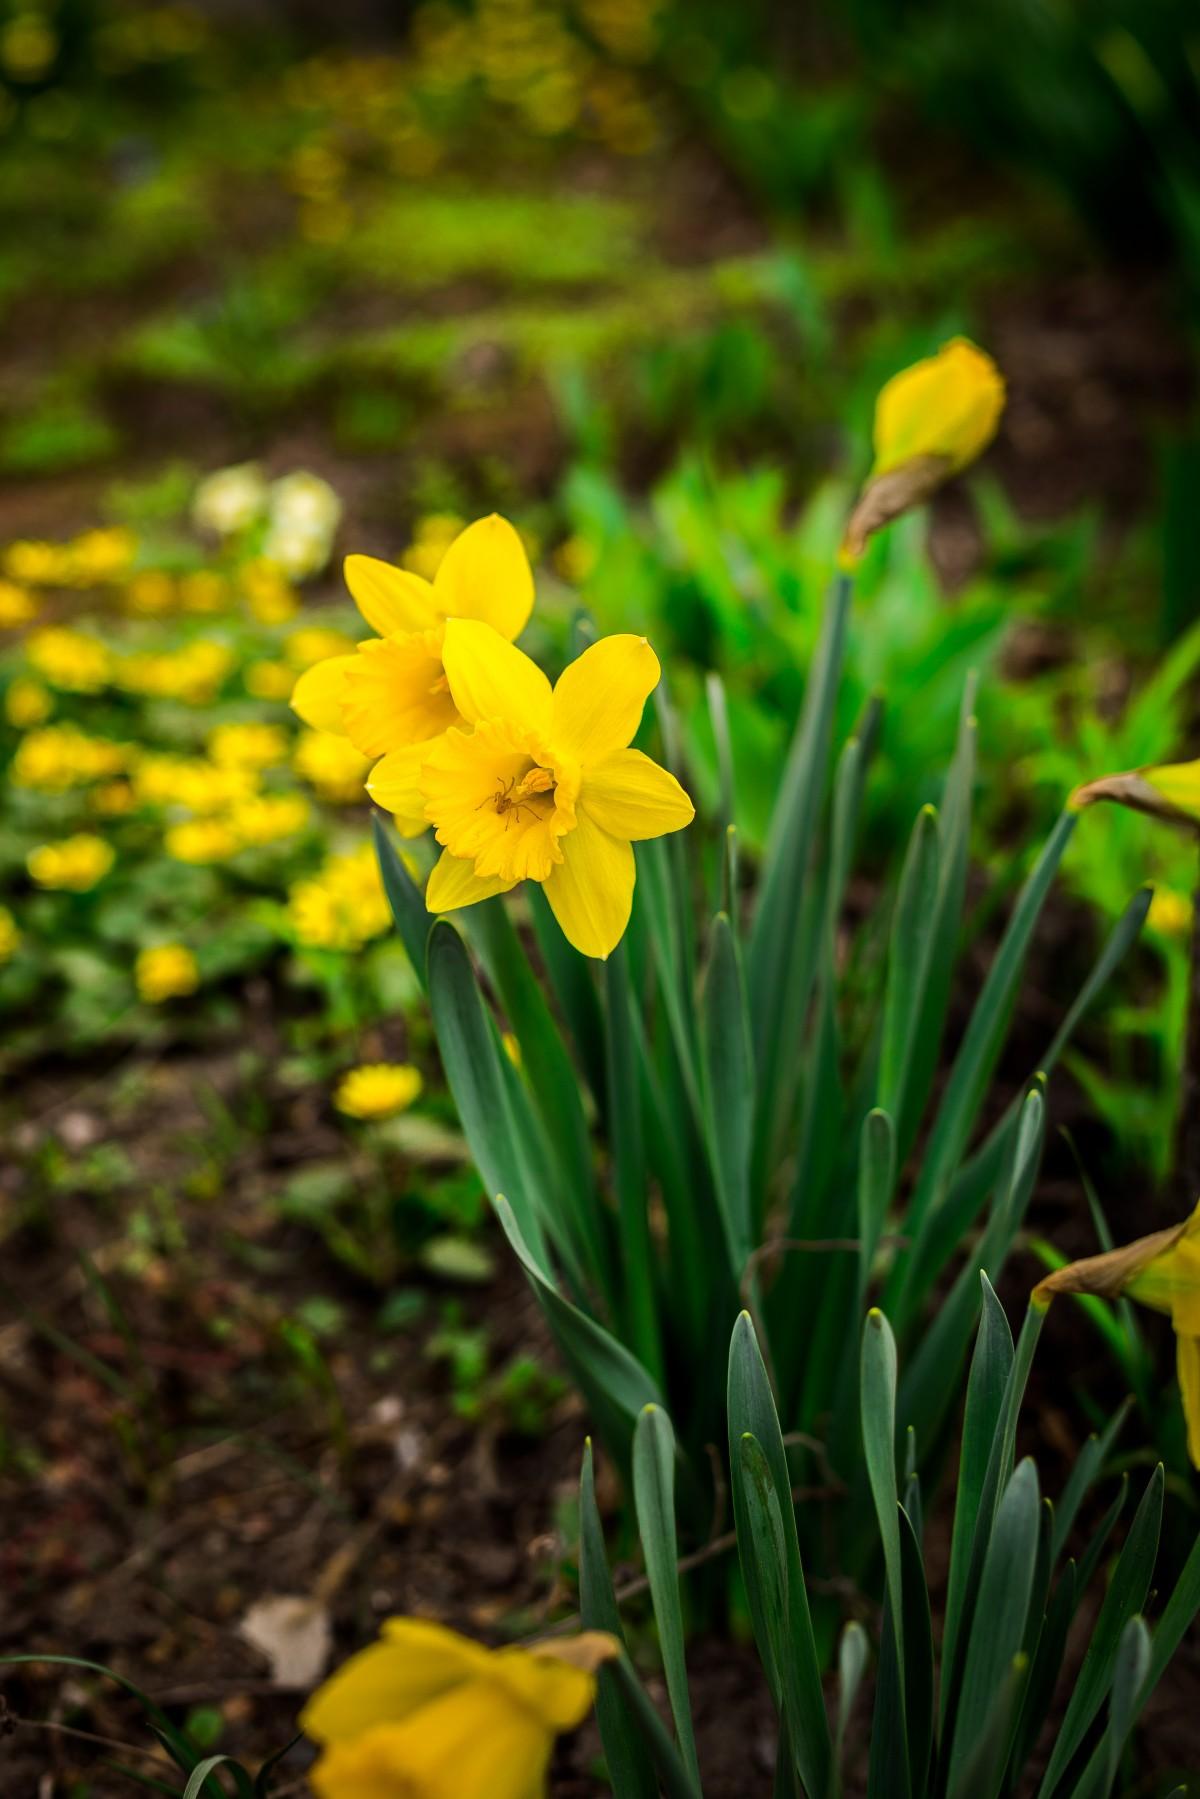 перестаю восхищаться картинки с желтыми цветами них